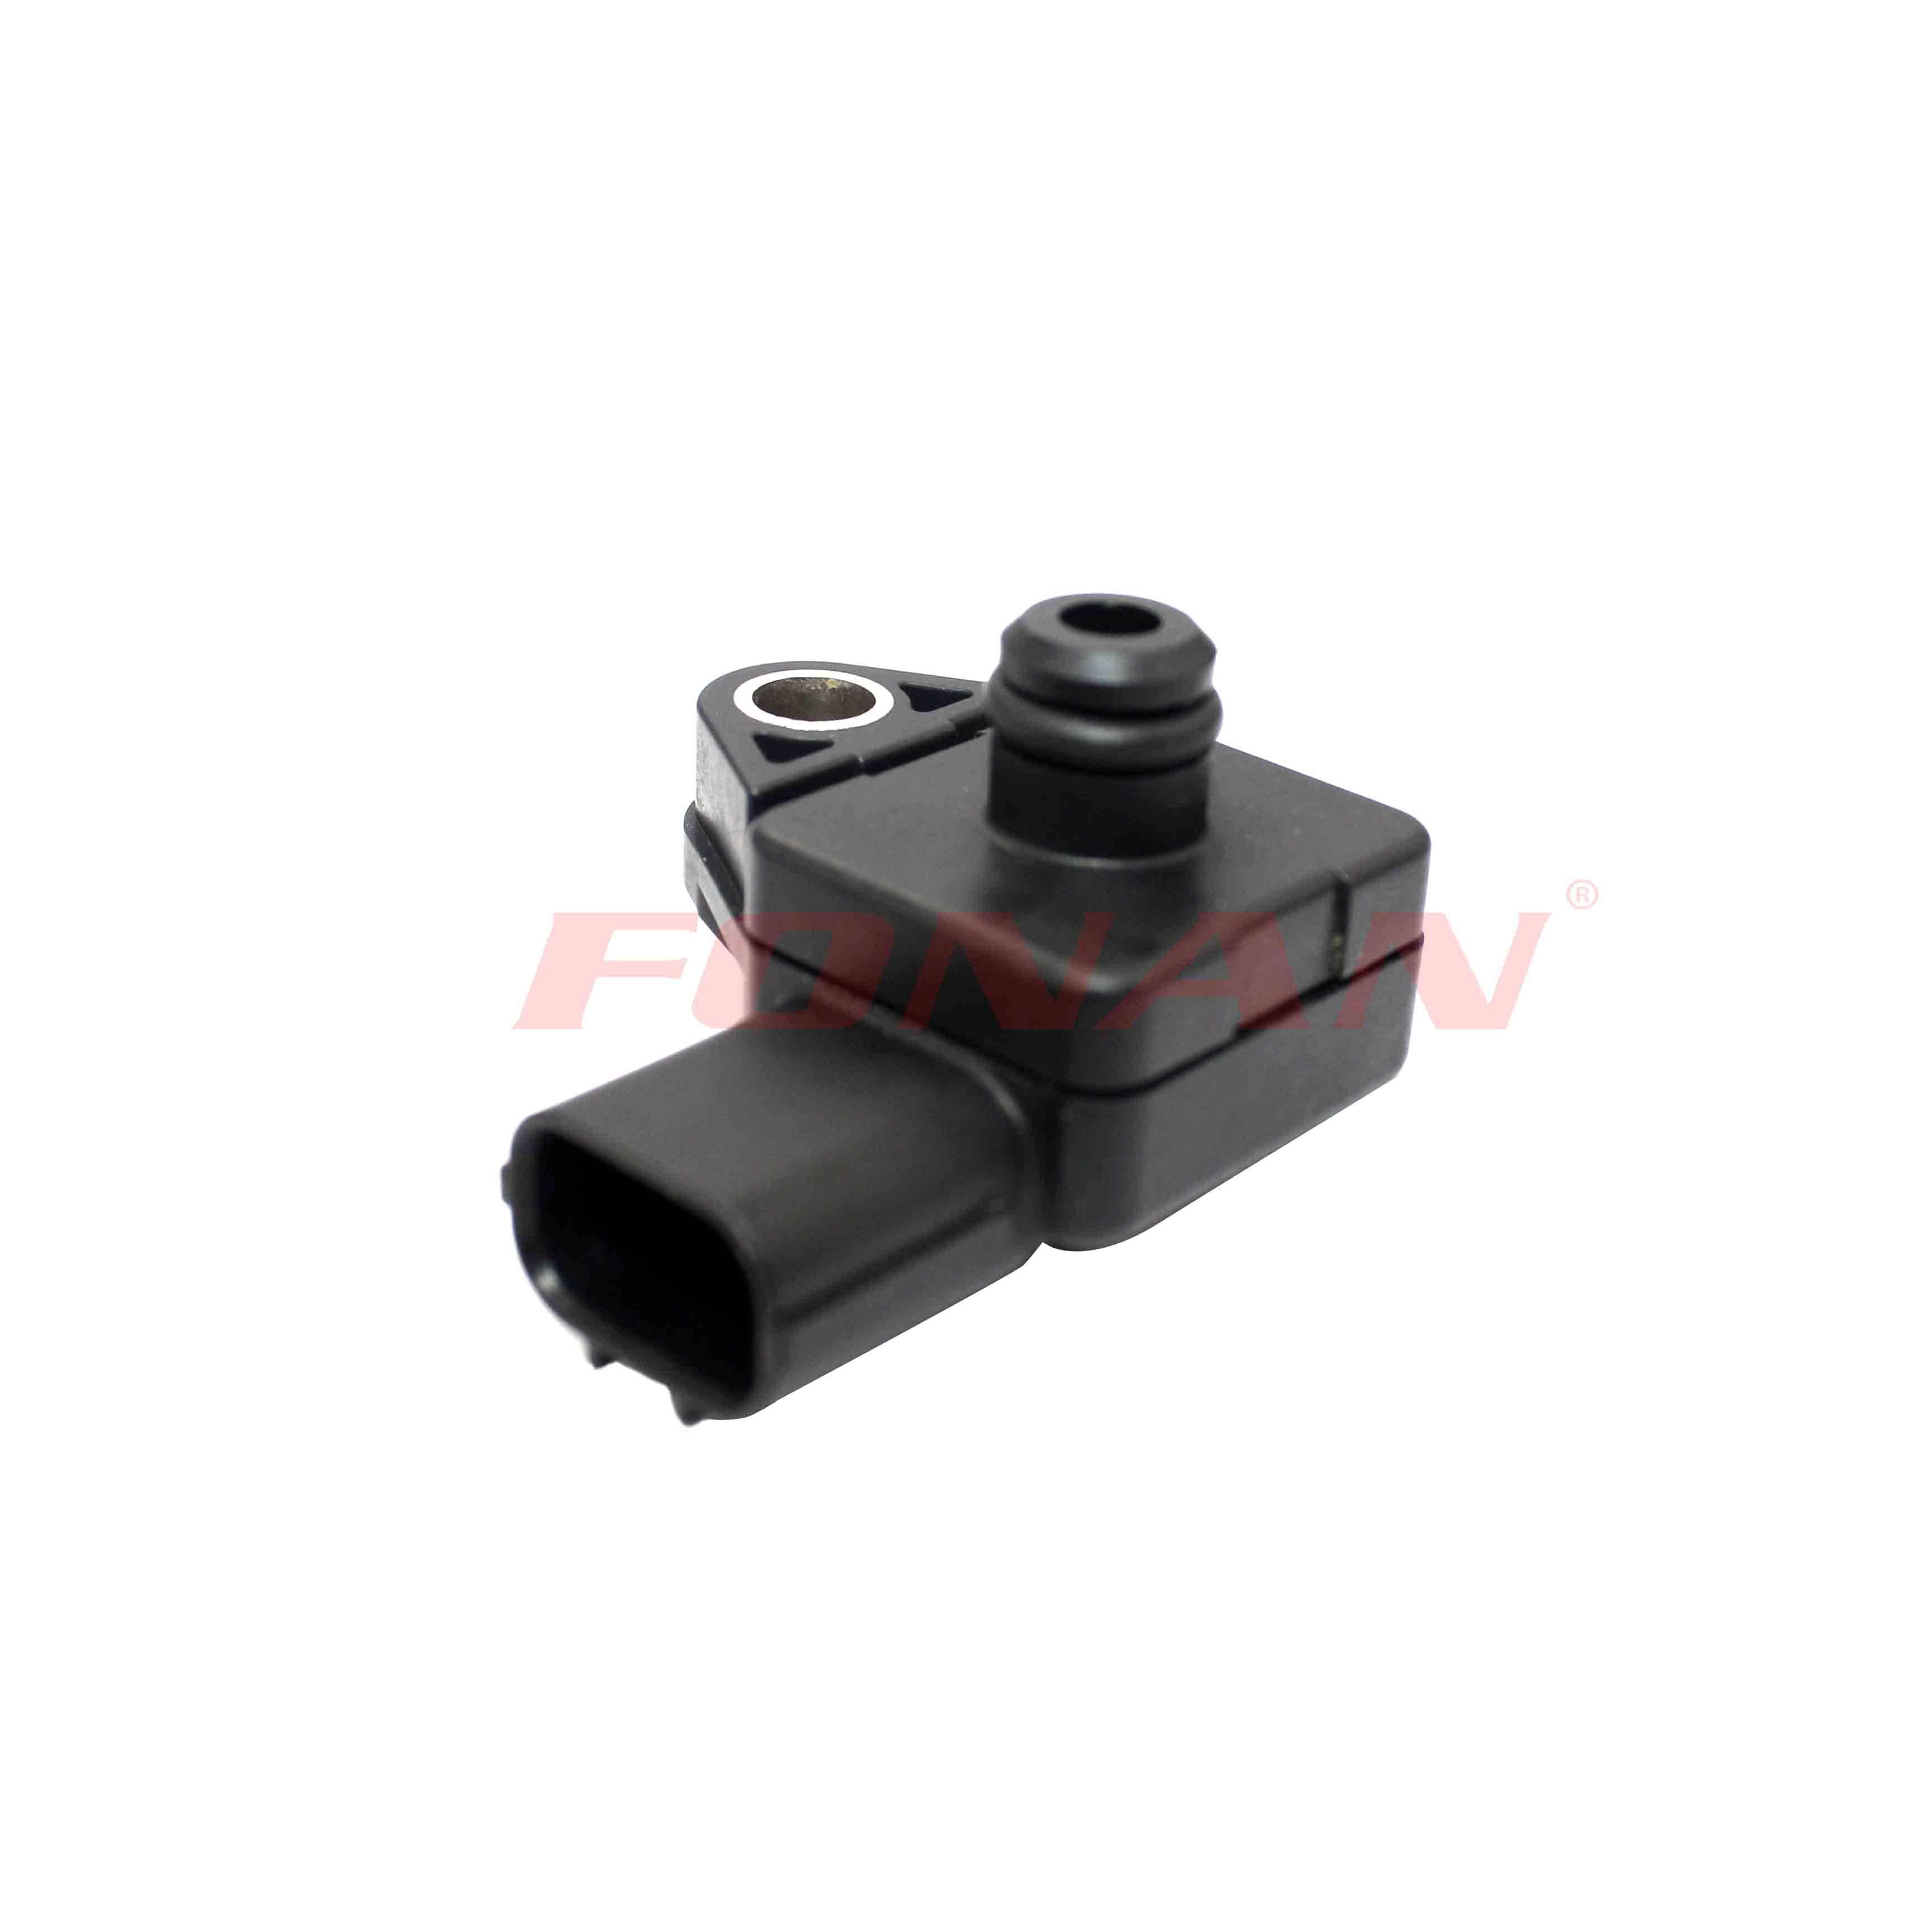 0798005410 37830PGKA01 Manifold absloute pressure sensor